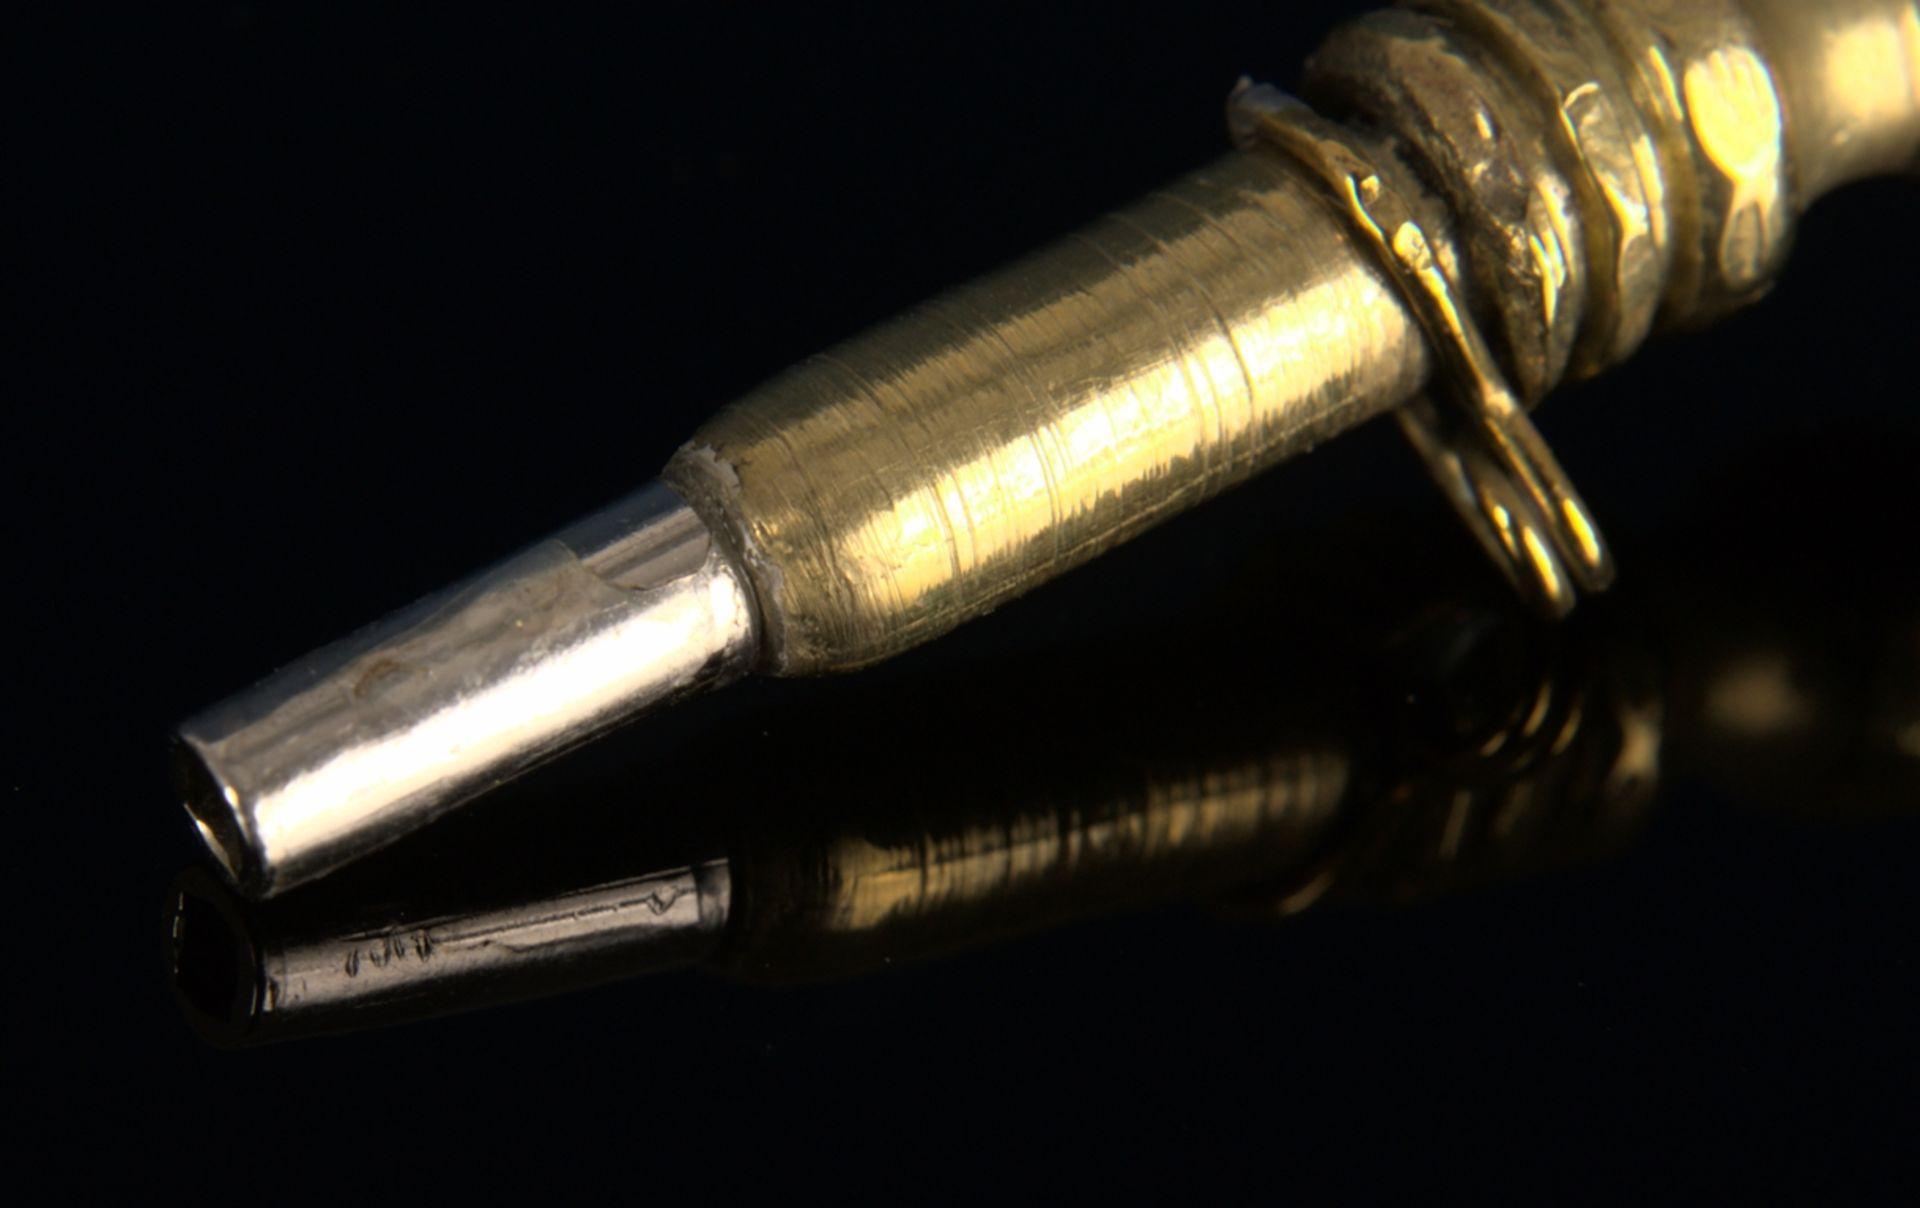 8teilige Sammlung versch. Taschenuhrenschlüssel, überwiegend 19. Jhd. Versch. Alter, Größen, - Bild 21 aus 24